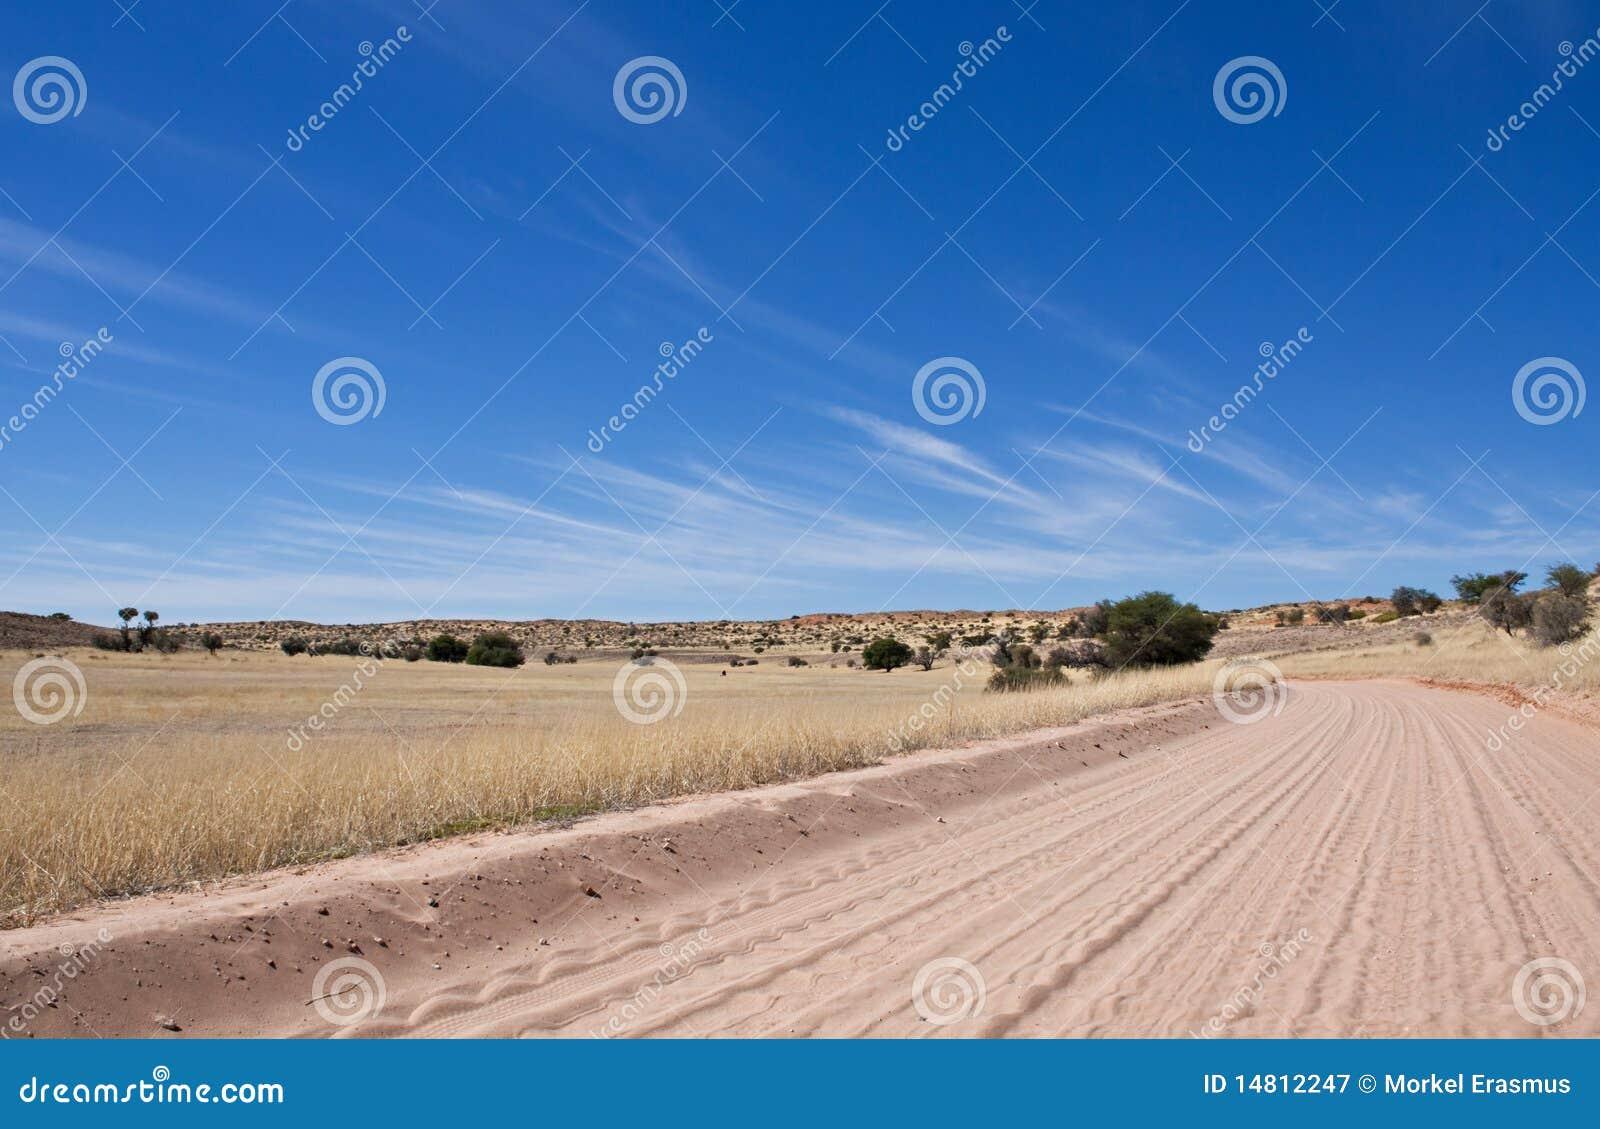 Dirt track in the Kalahari desert